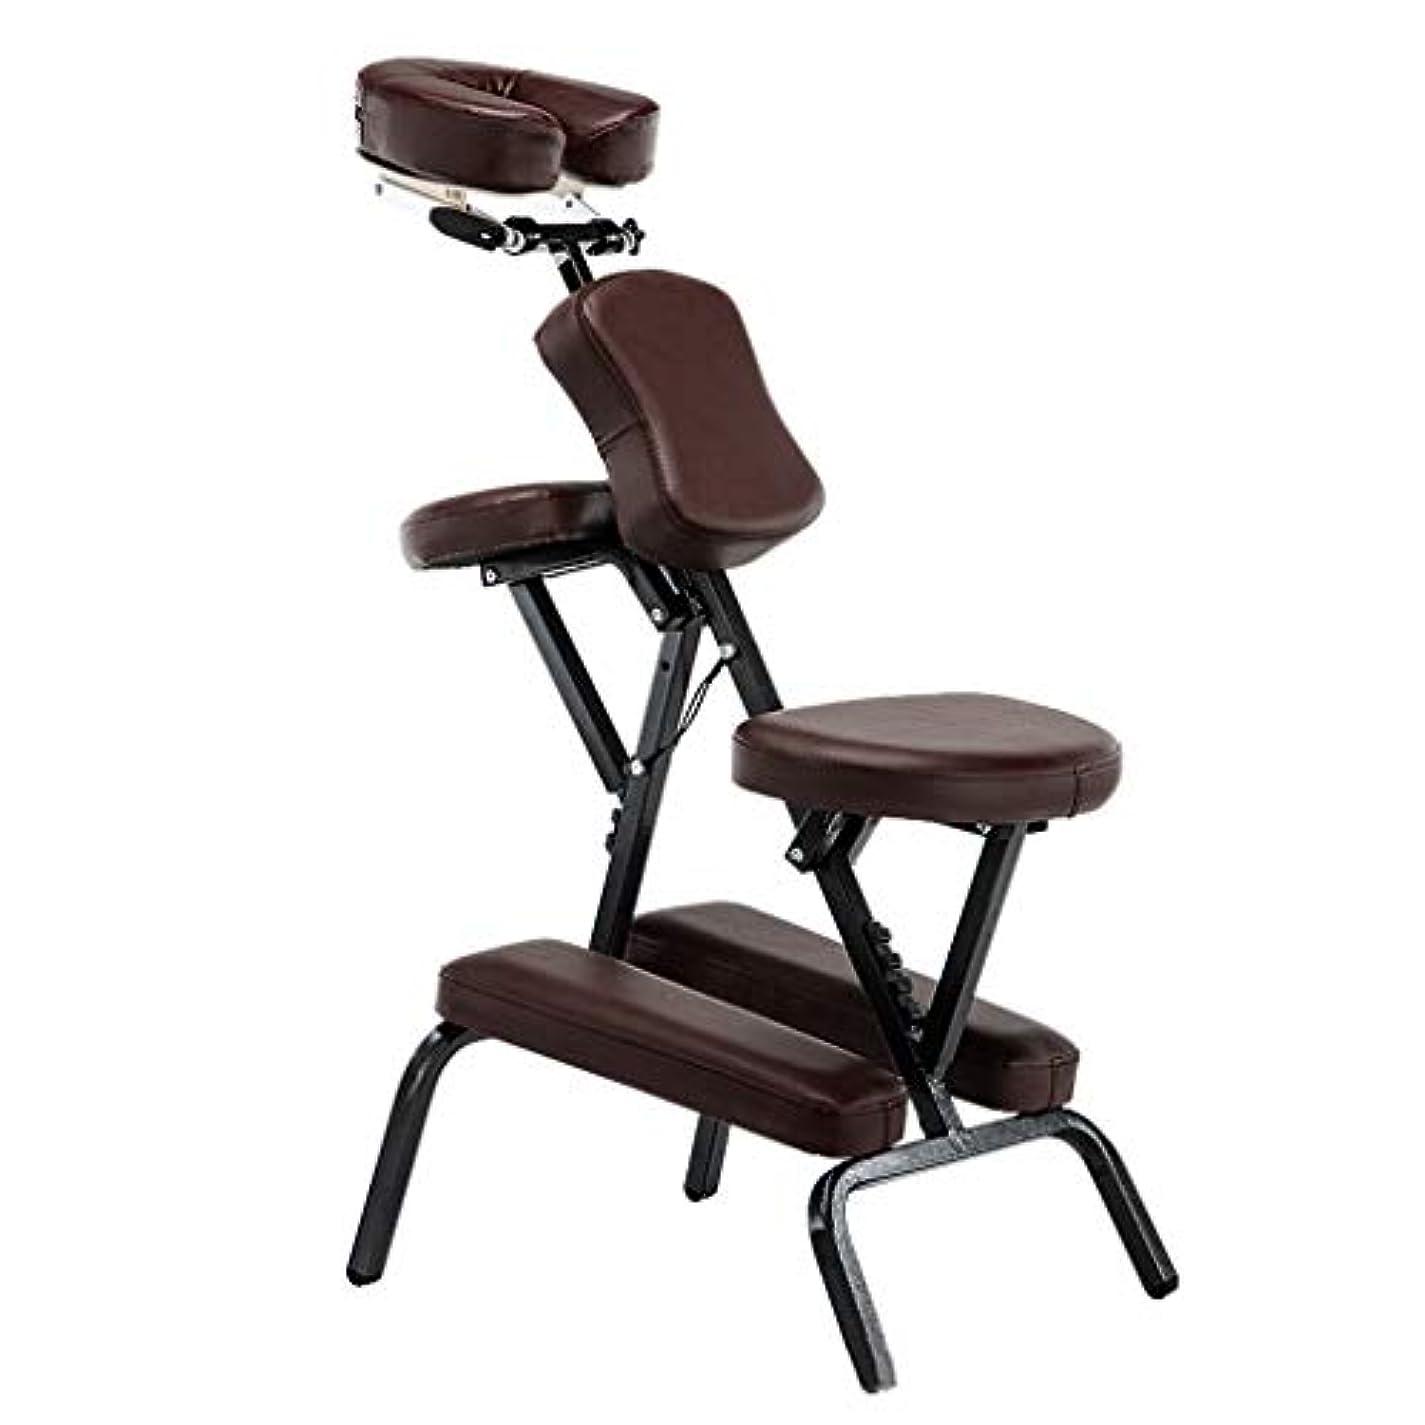 反響する明示的にフィドル入れ墨の椅子の健康の椅子の折るマッサージの椅子の携帯用マッサージの椅子のこする椅子入れ墨の椅子の折る美のベッドの鉱泉のマッサージのコンパクトの椅子